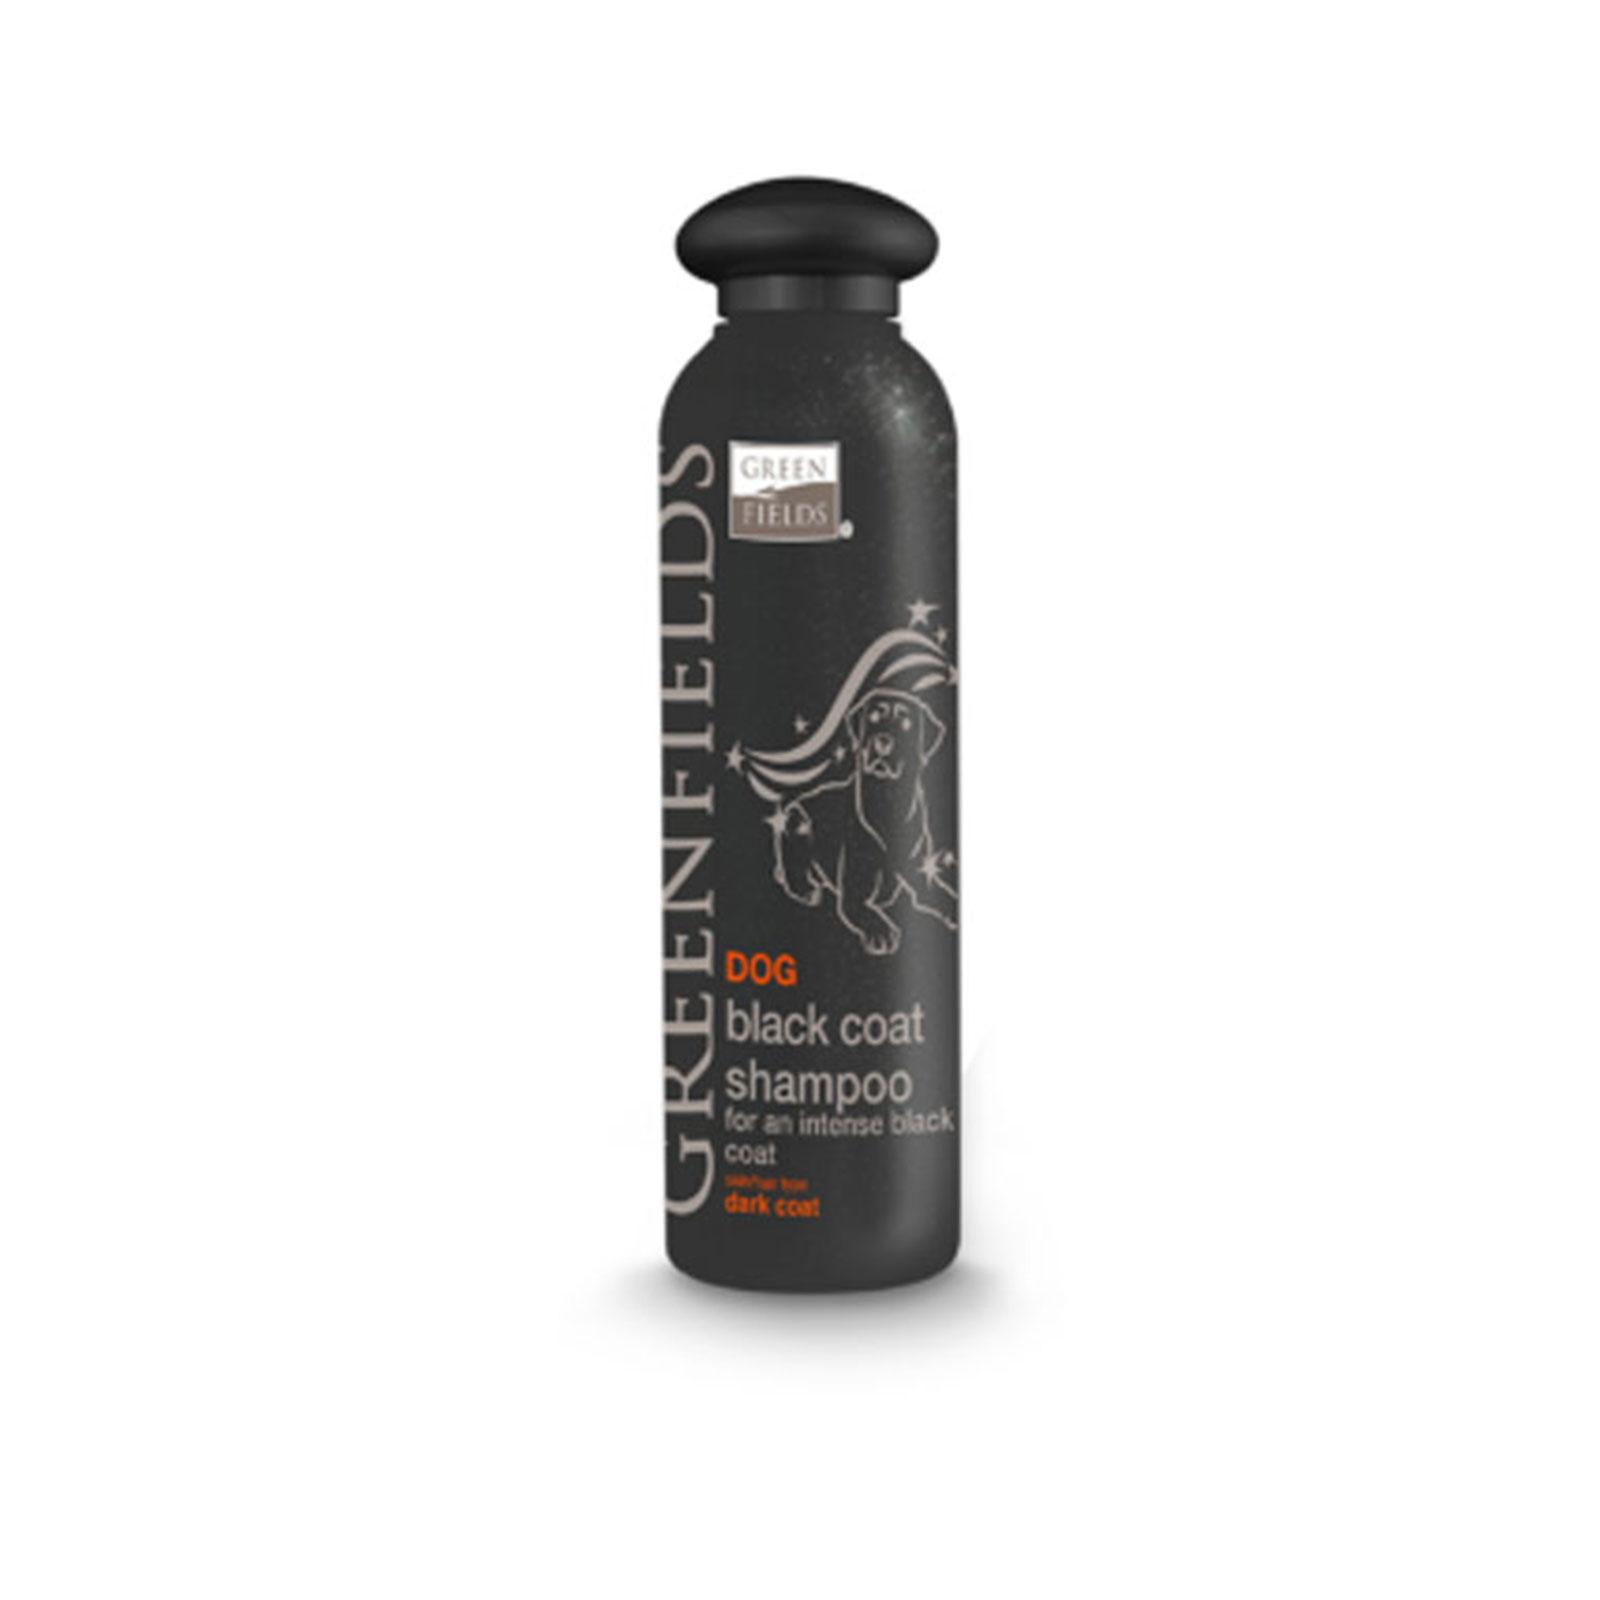 Greenfields - Dog black coat shampoo - Šampon za pse sa tamnom ili crnom dlakom